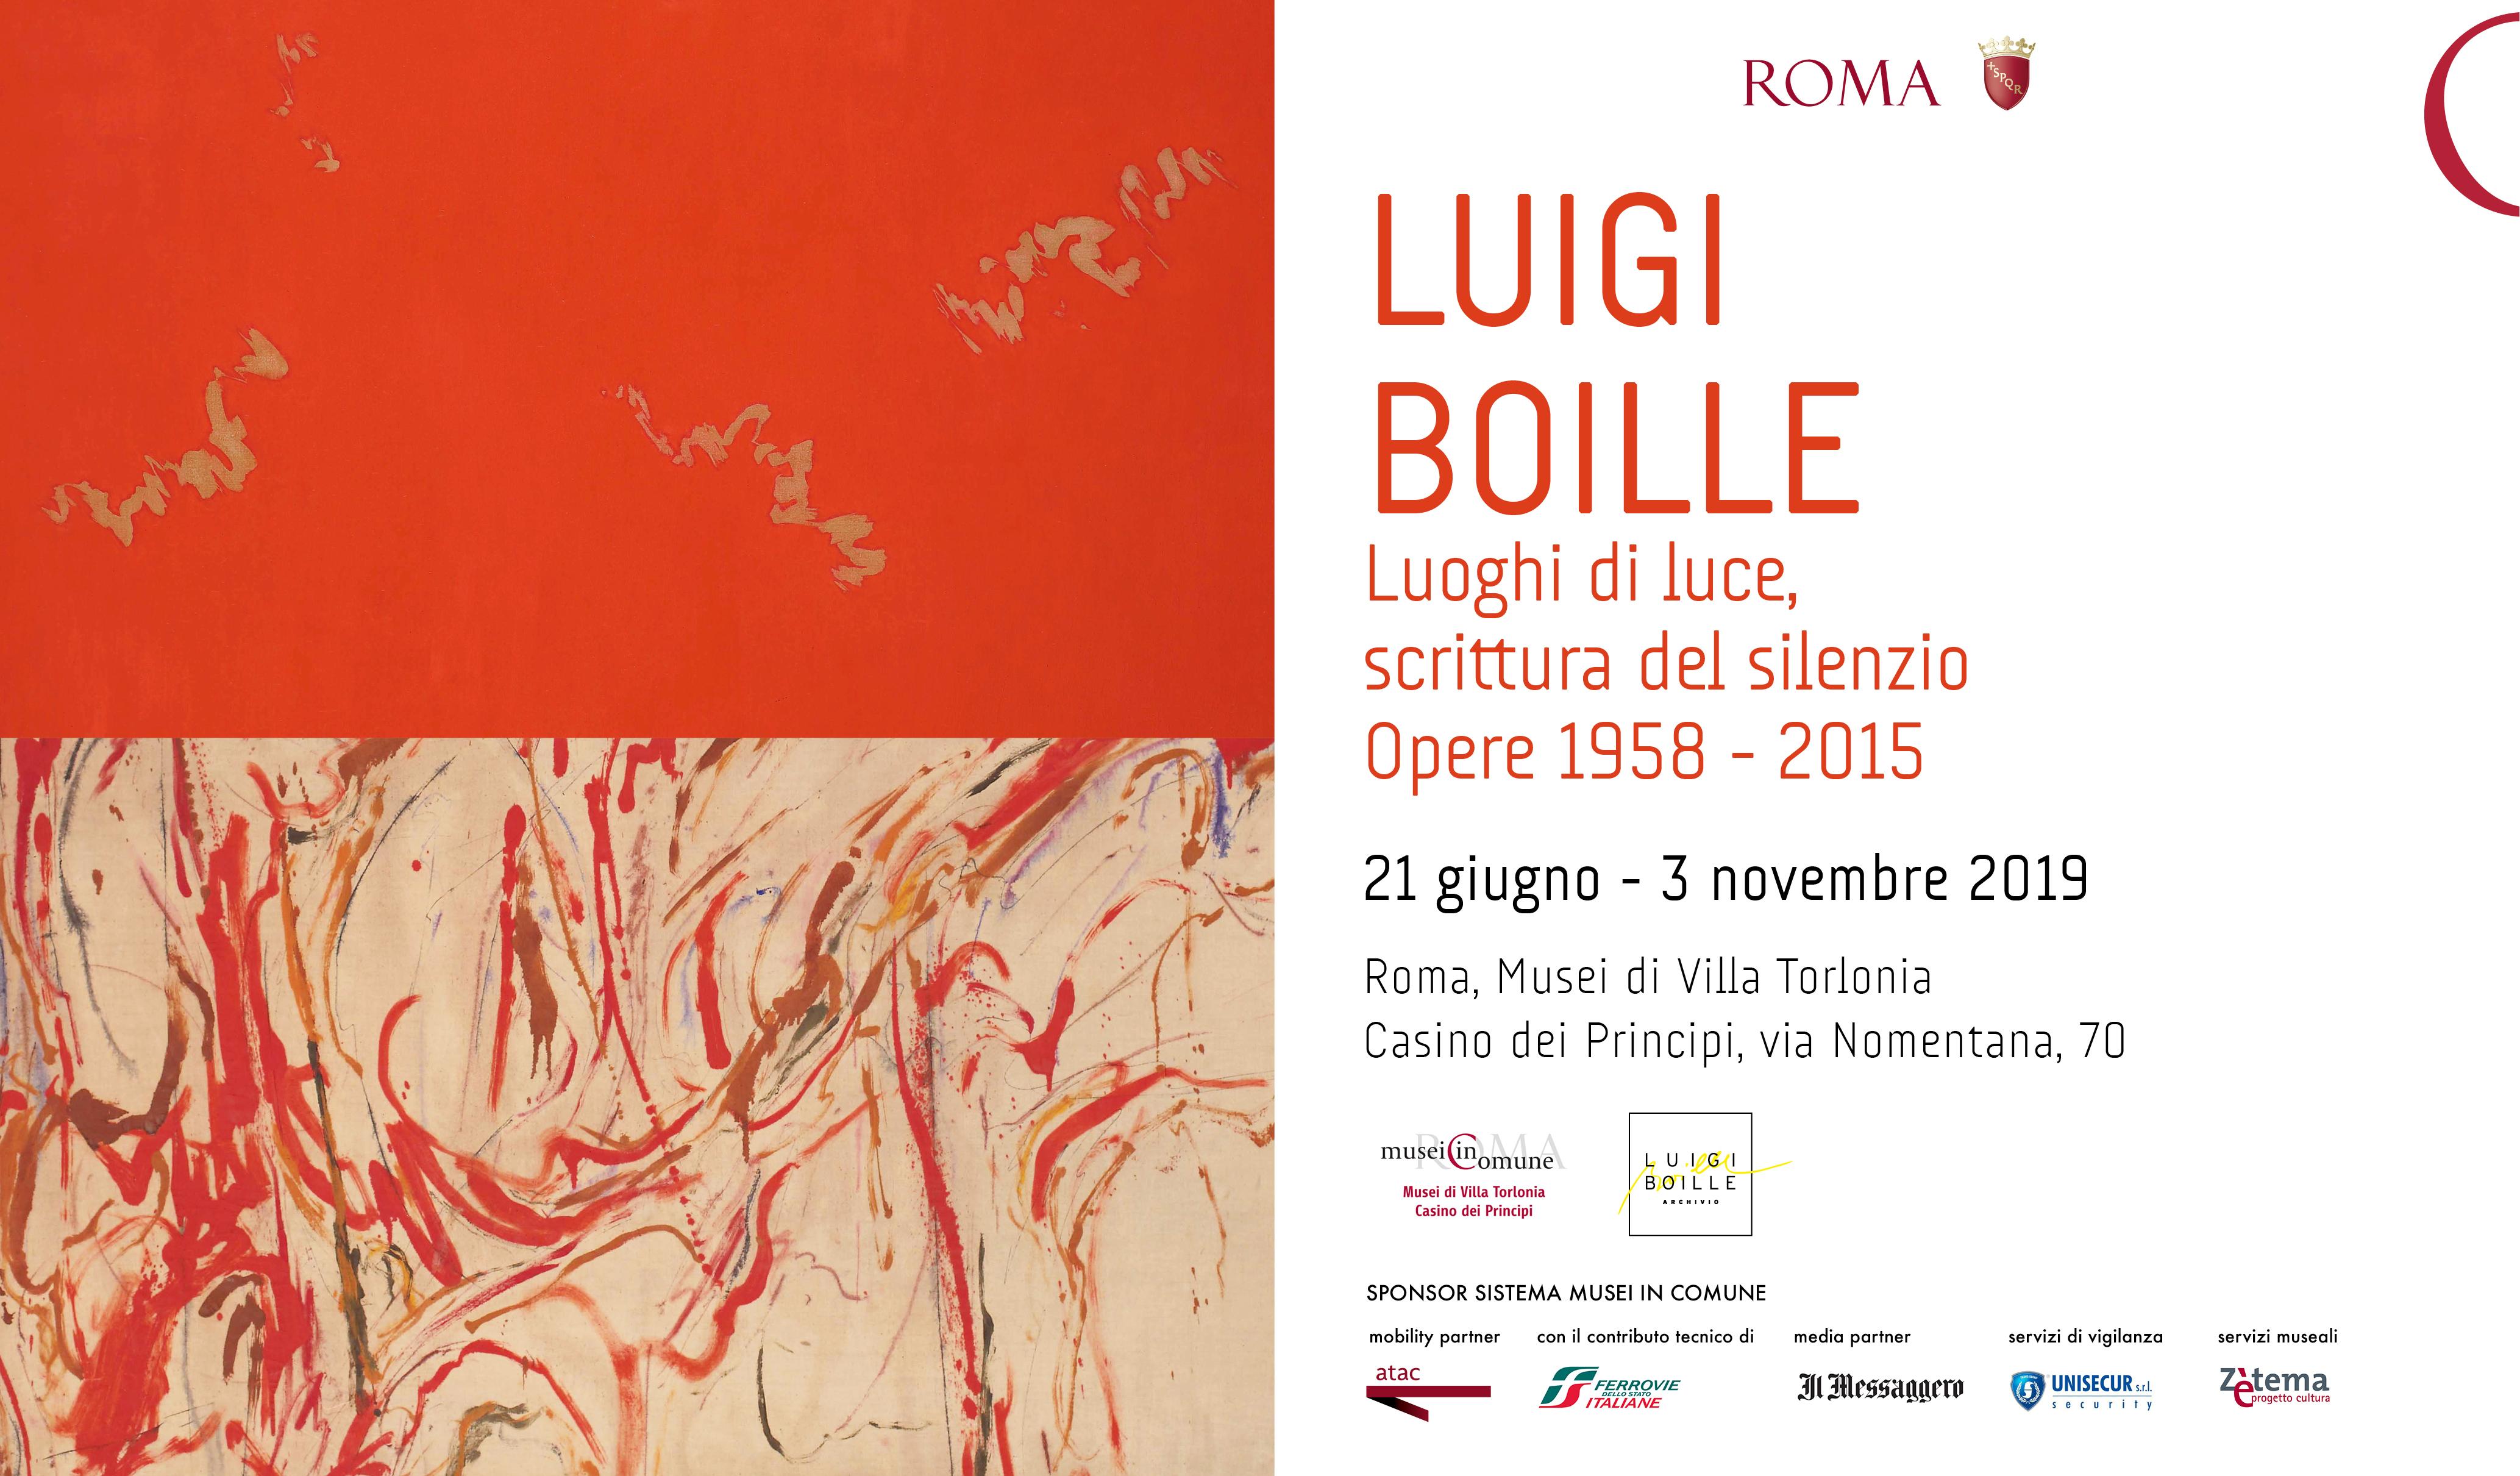 Luigi Bolle a Roma fino al 3 novembre